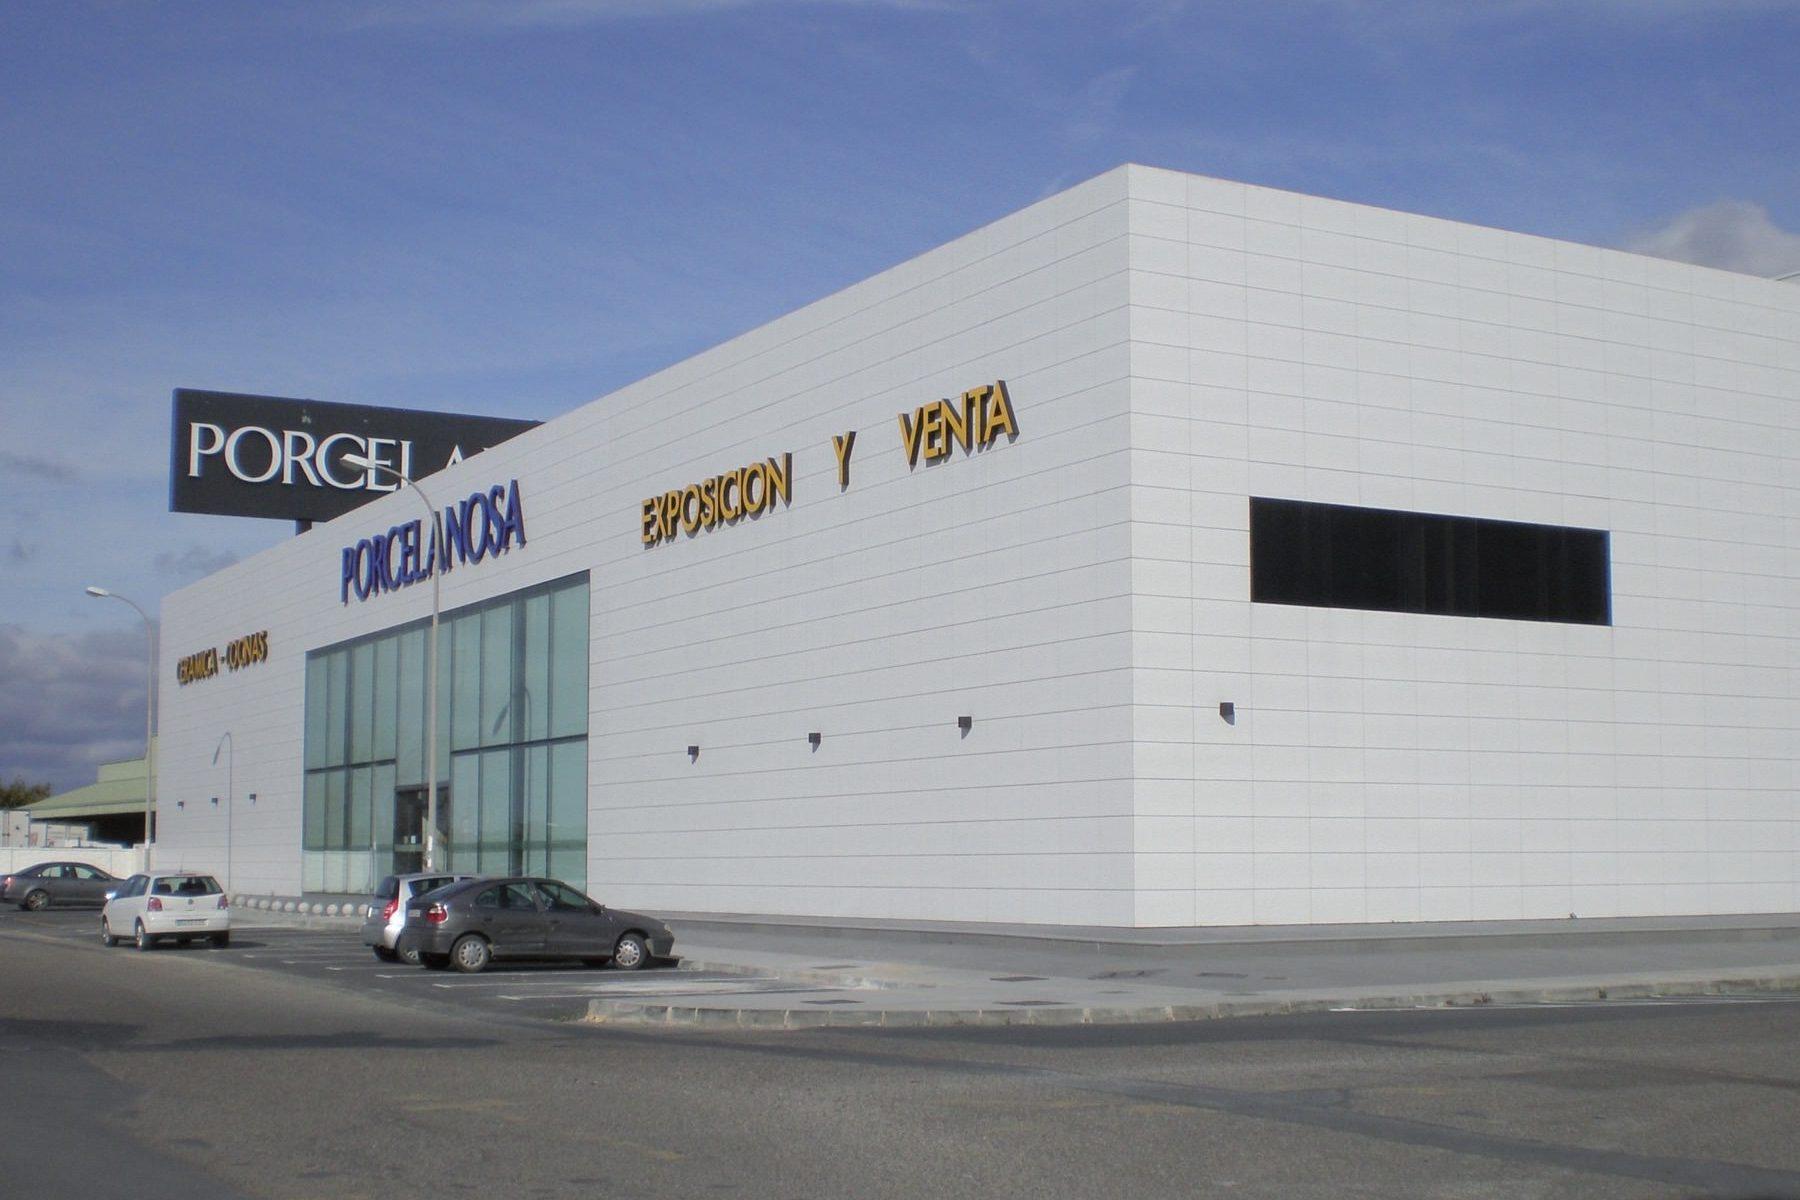 Ejecución de nave almacén, nueva exposición y oficinas para Porcelanosa